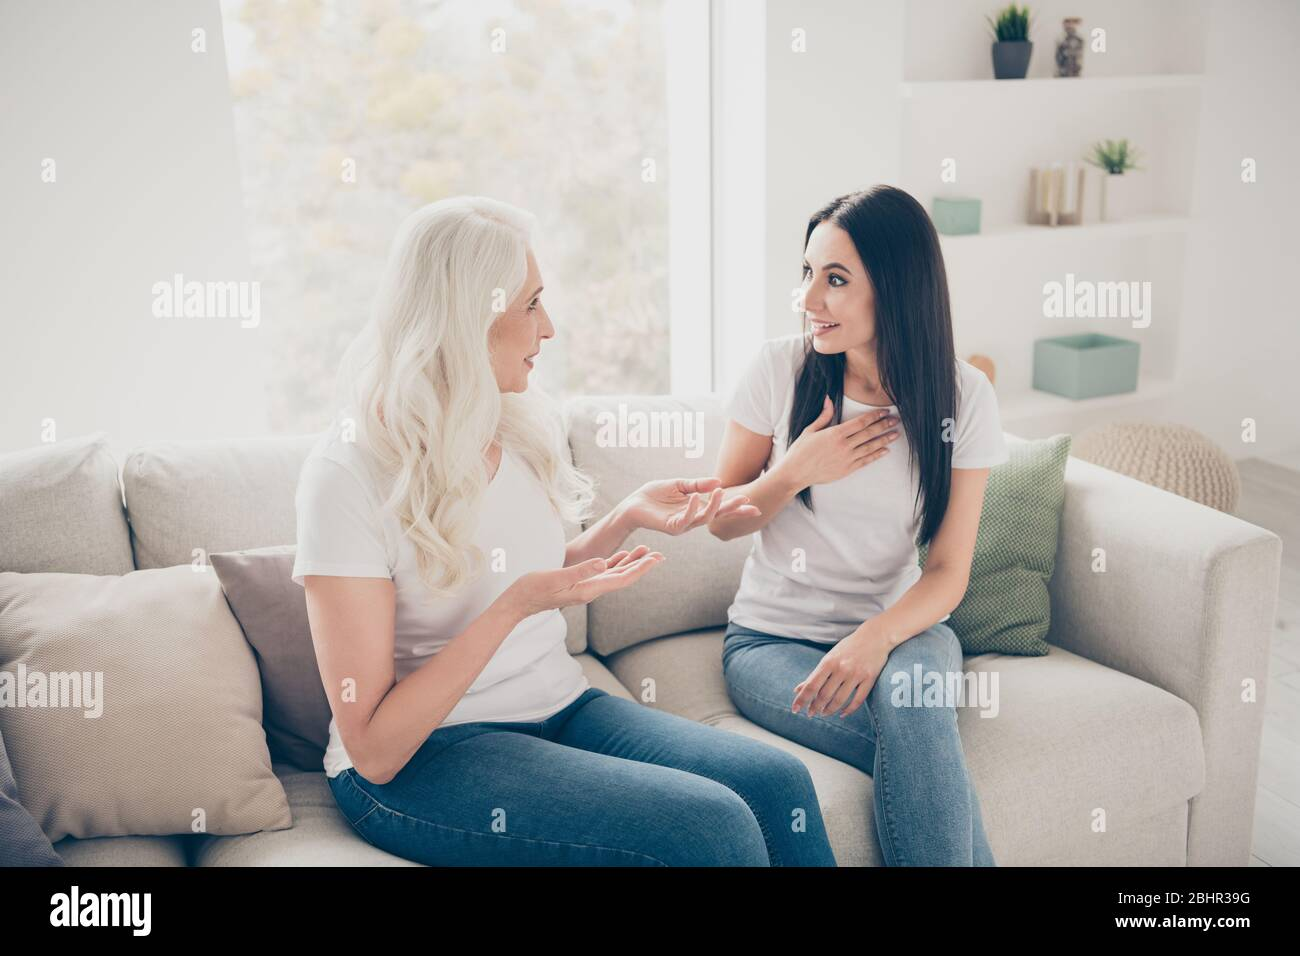 Retrato de dos mujeres agradables, alegres y agradables hablando de noticias compartiendo secretos pasando el día juntos en el interior de luz blanca Foto de stock